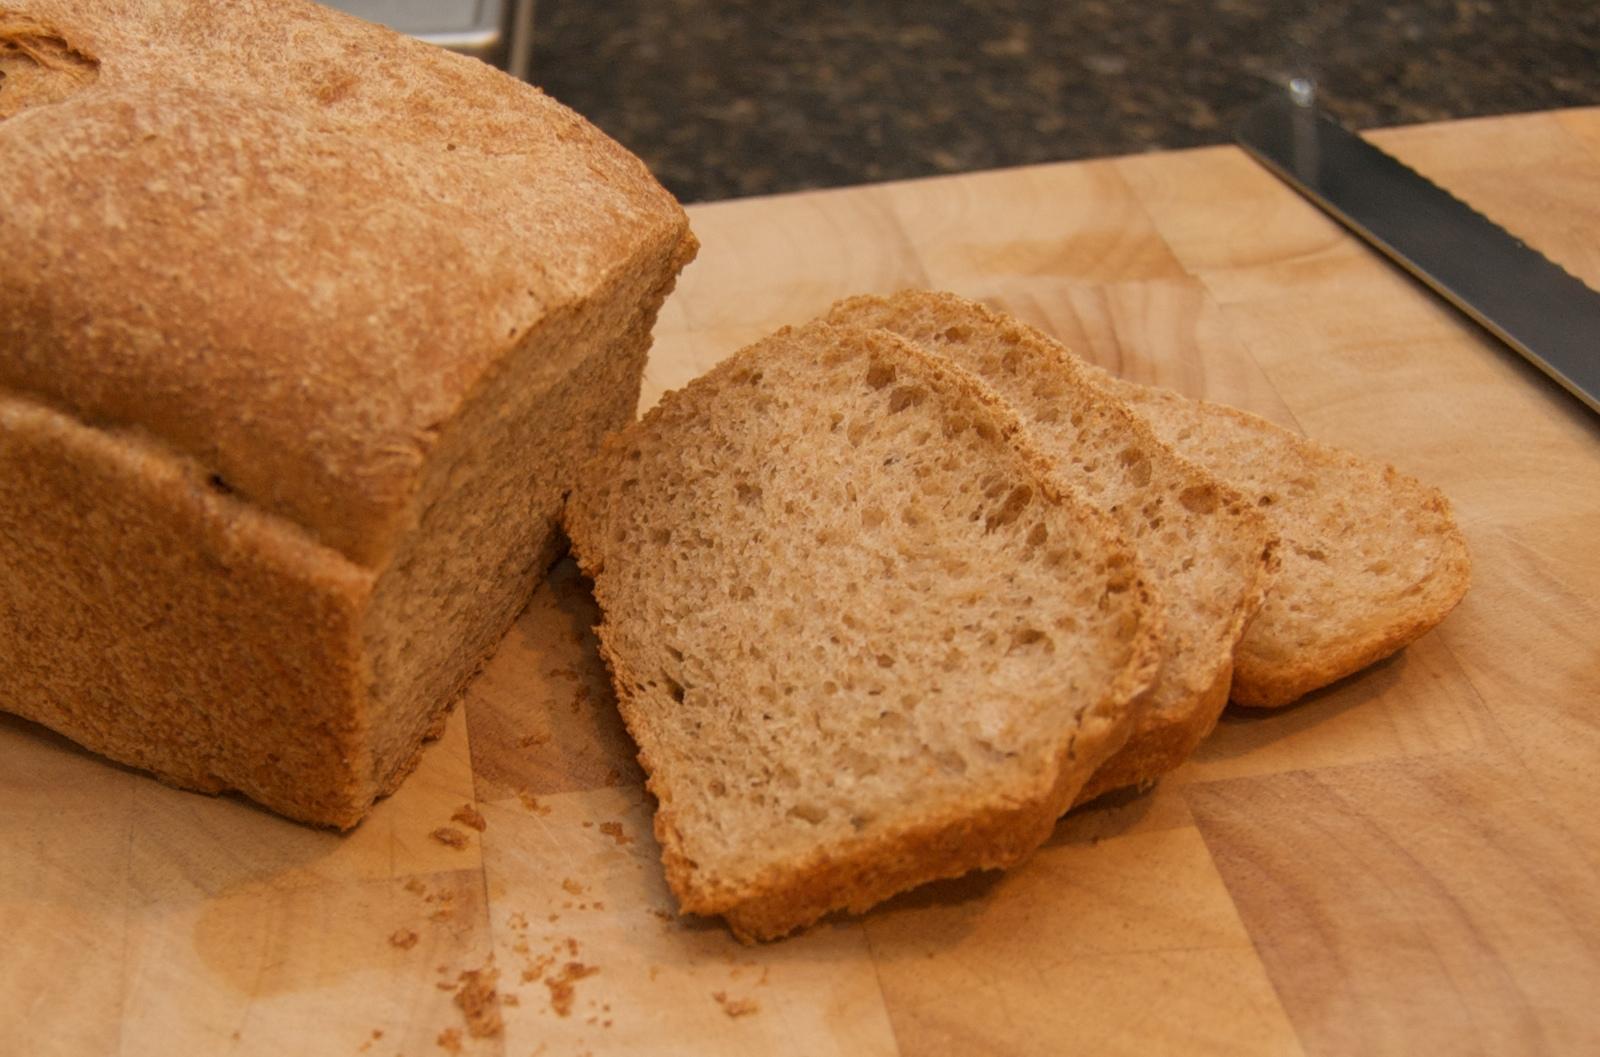 http://blog.rickk.com/food/2010/01/31/bread6.jpg